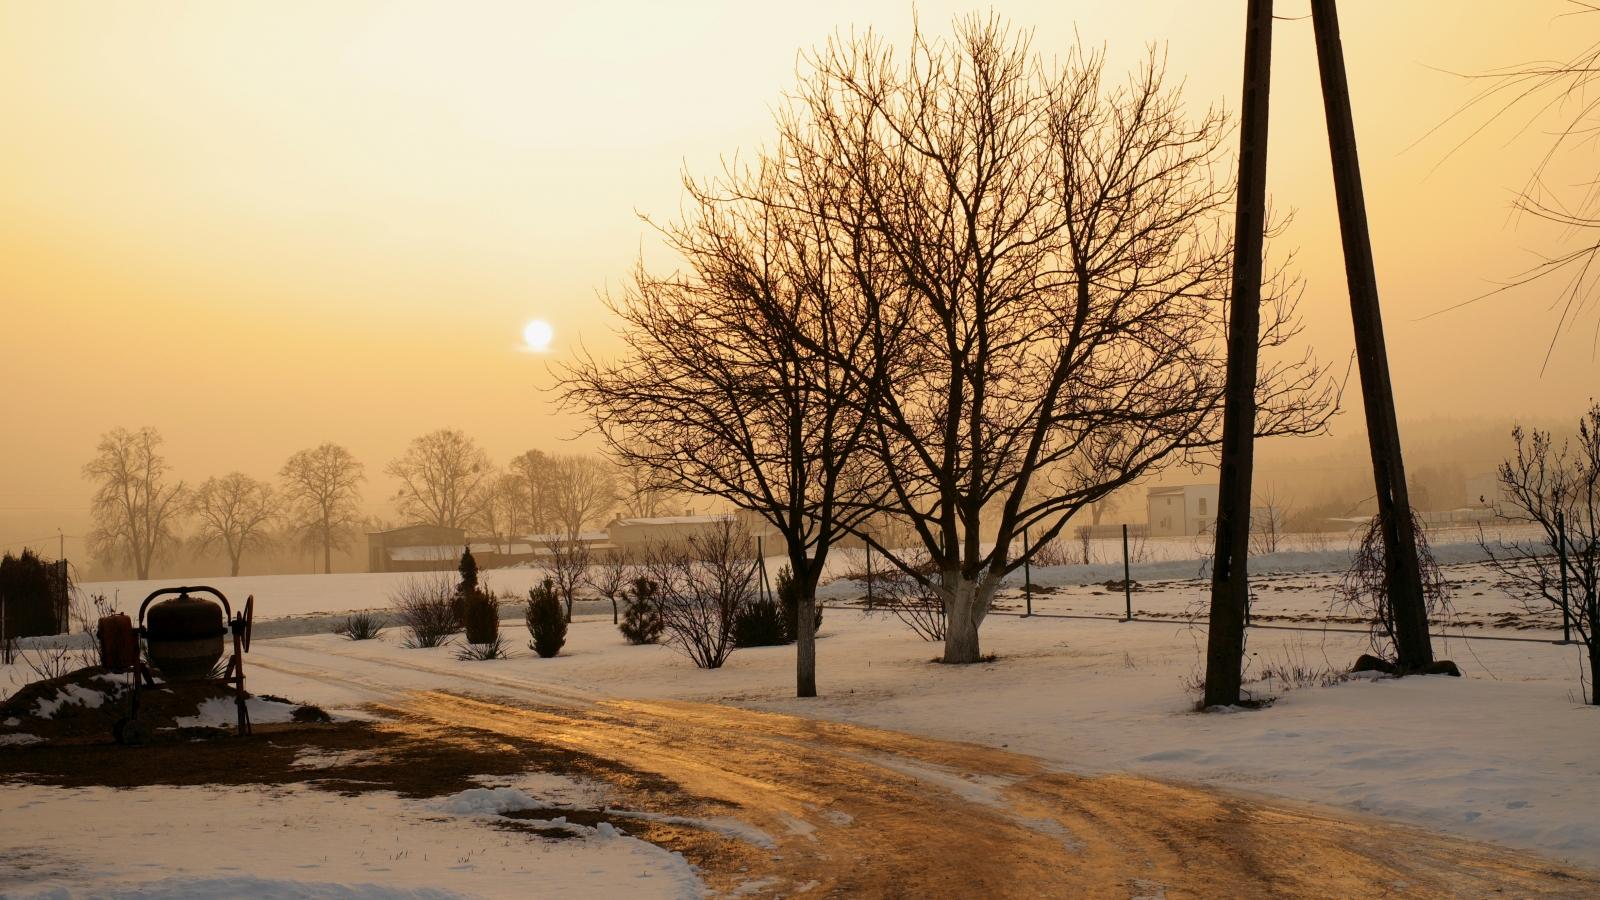 Una fotografía en la mañana - 1600x900